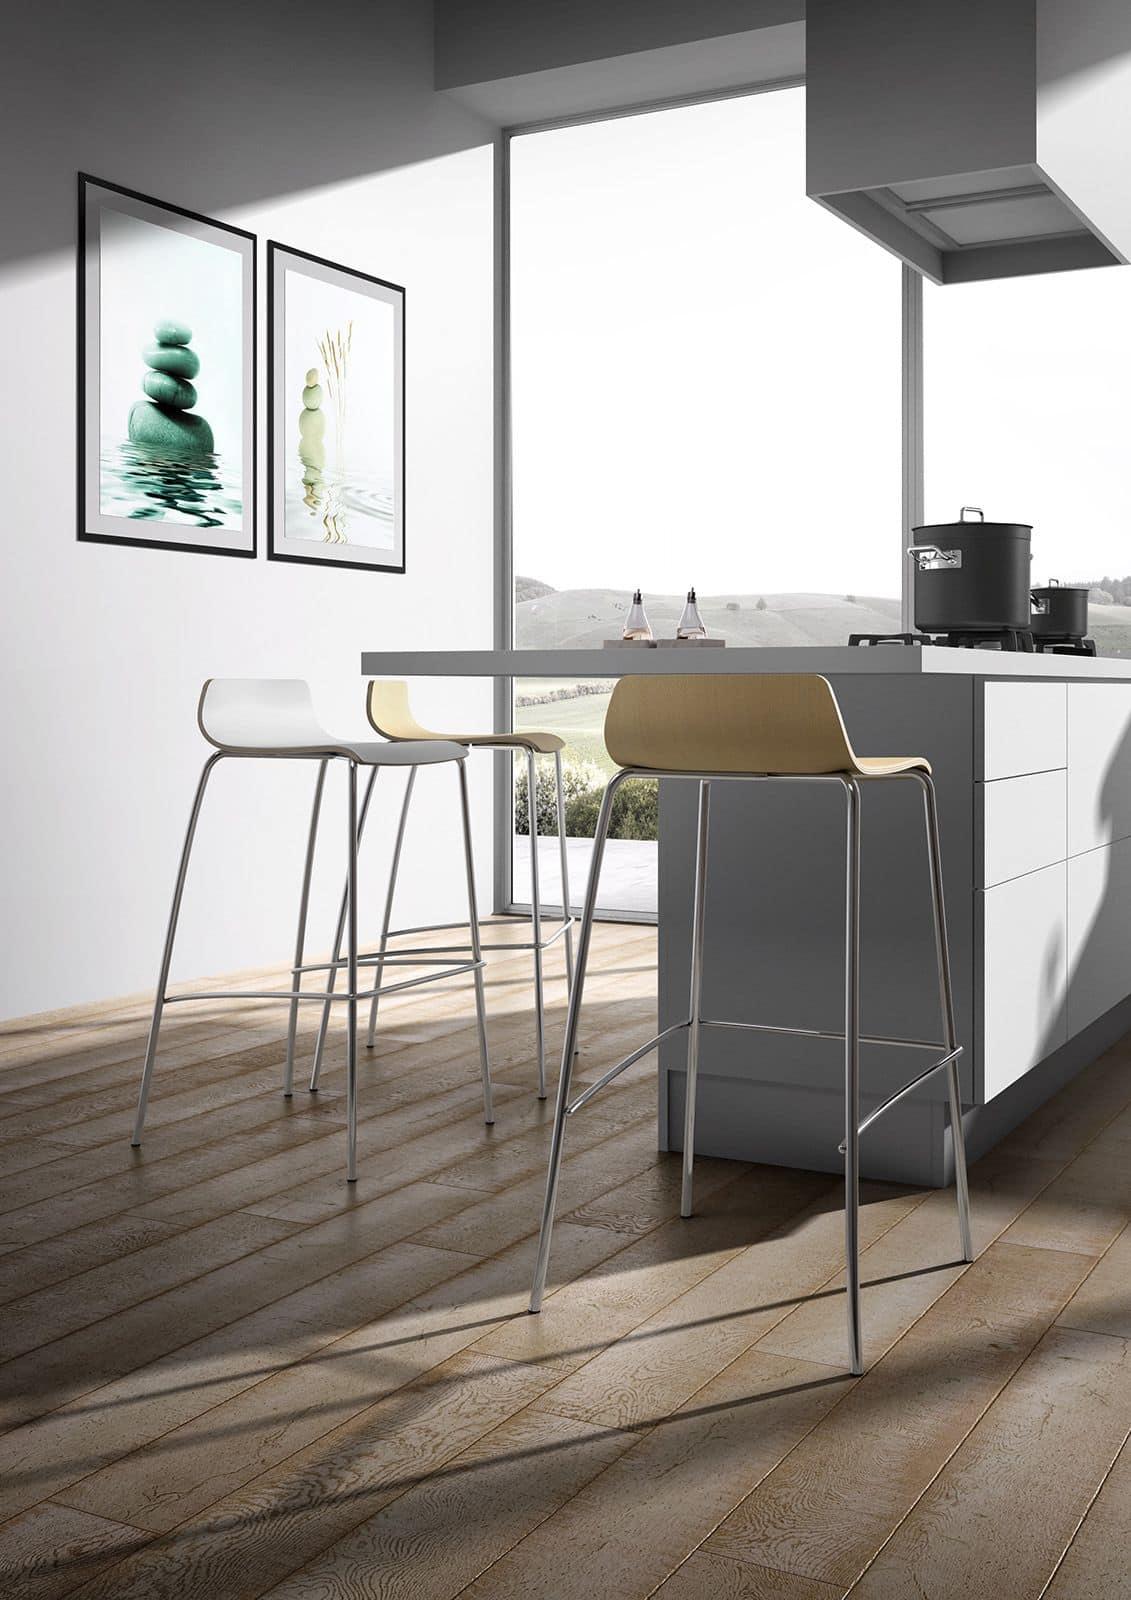 Sgabello impilabile con seduta in legno per bar idfdesign for Sgabelli in legno per cucina